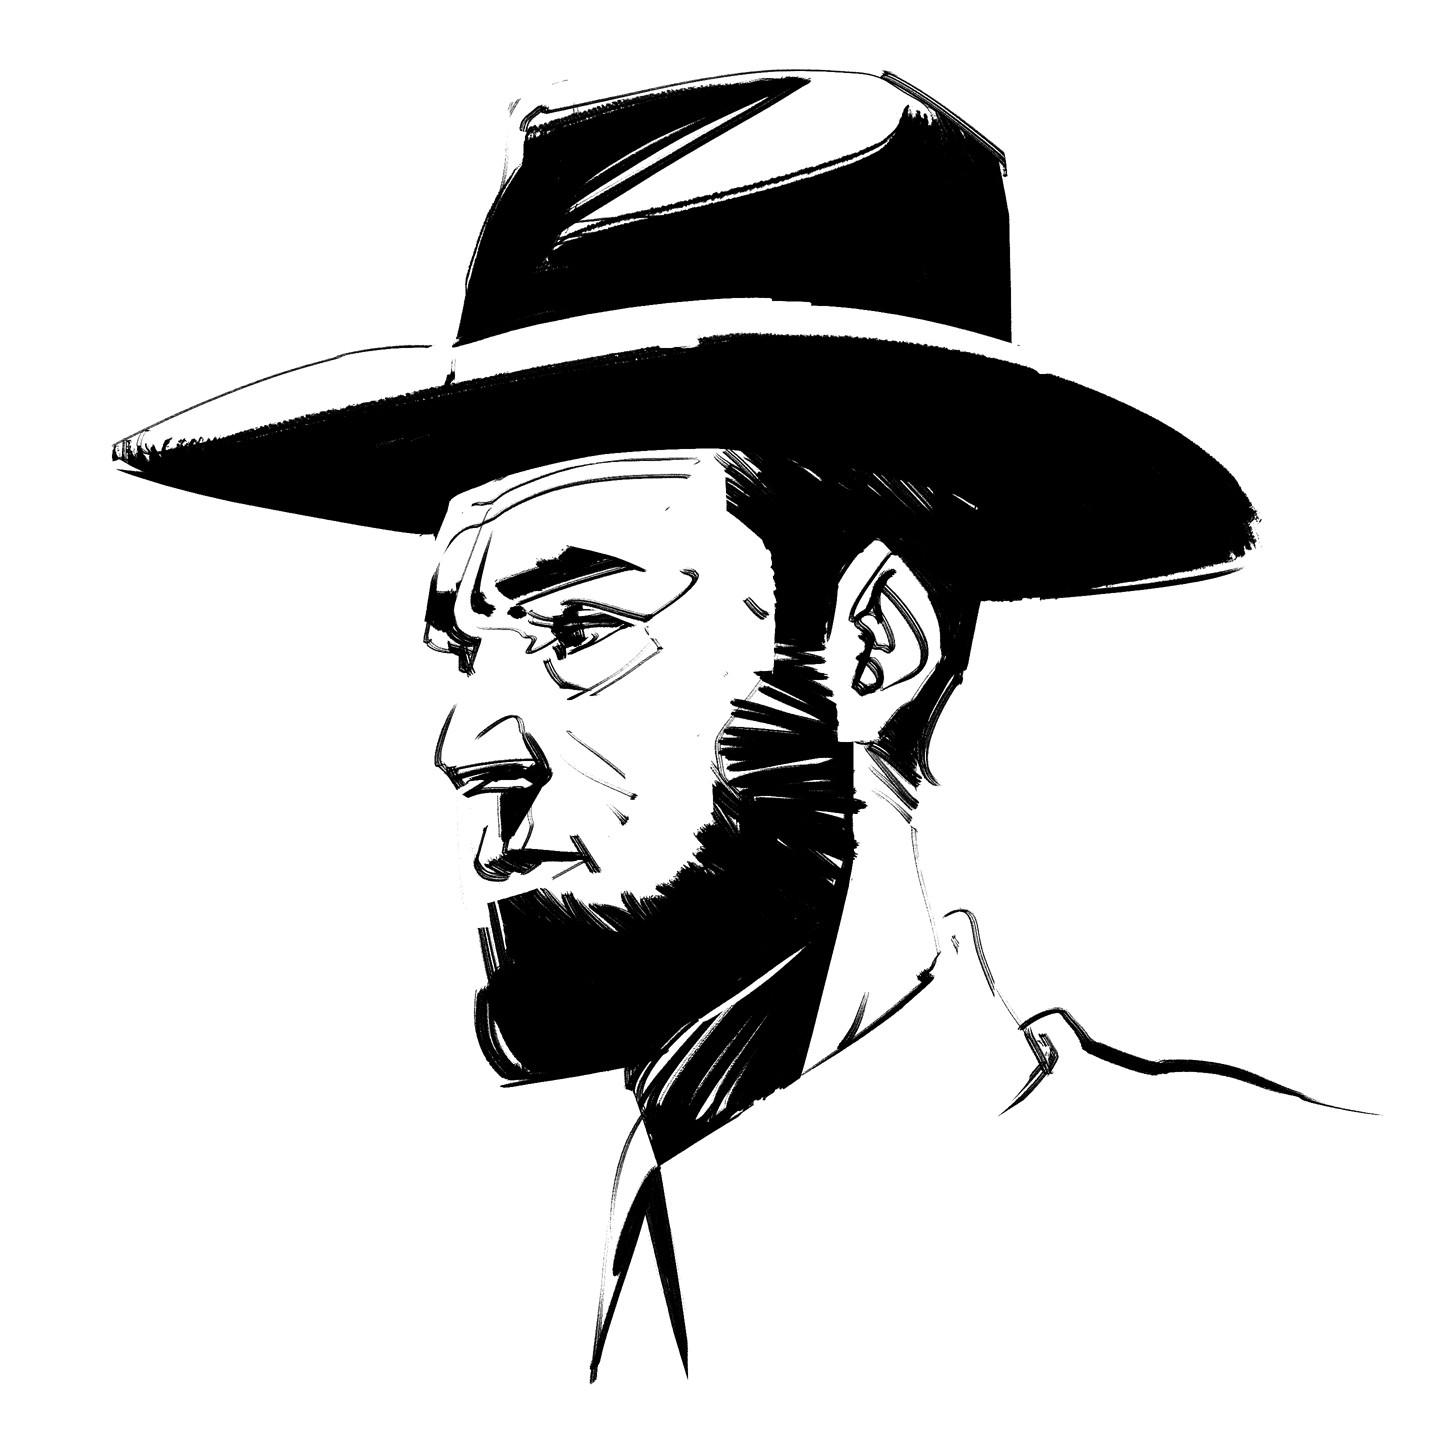 Renaud roche cowboy web